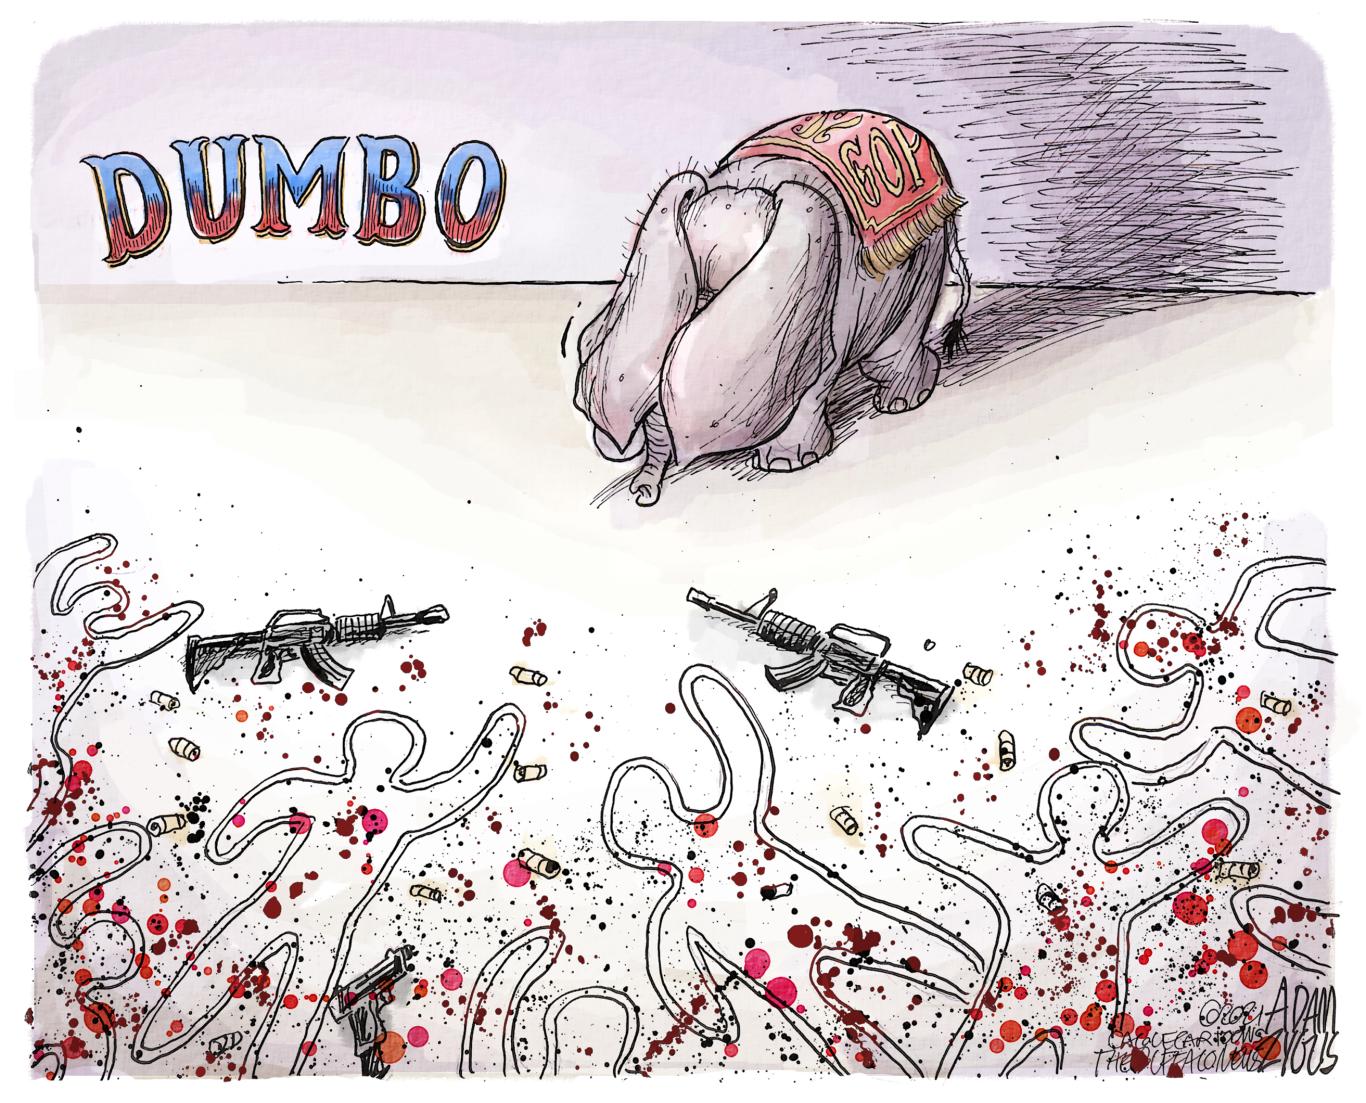 GOP, DUMBO, REPUBLICANS, ASSAULT WEAPONS, GUNS, VIOLENCE, MASS SHOOTINGS